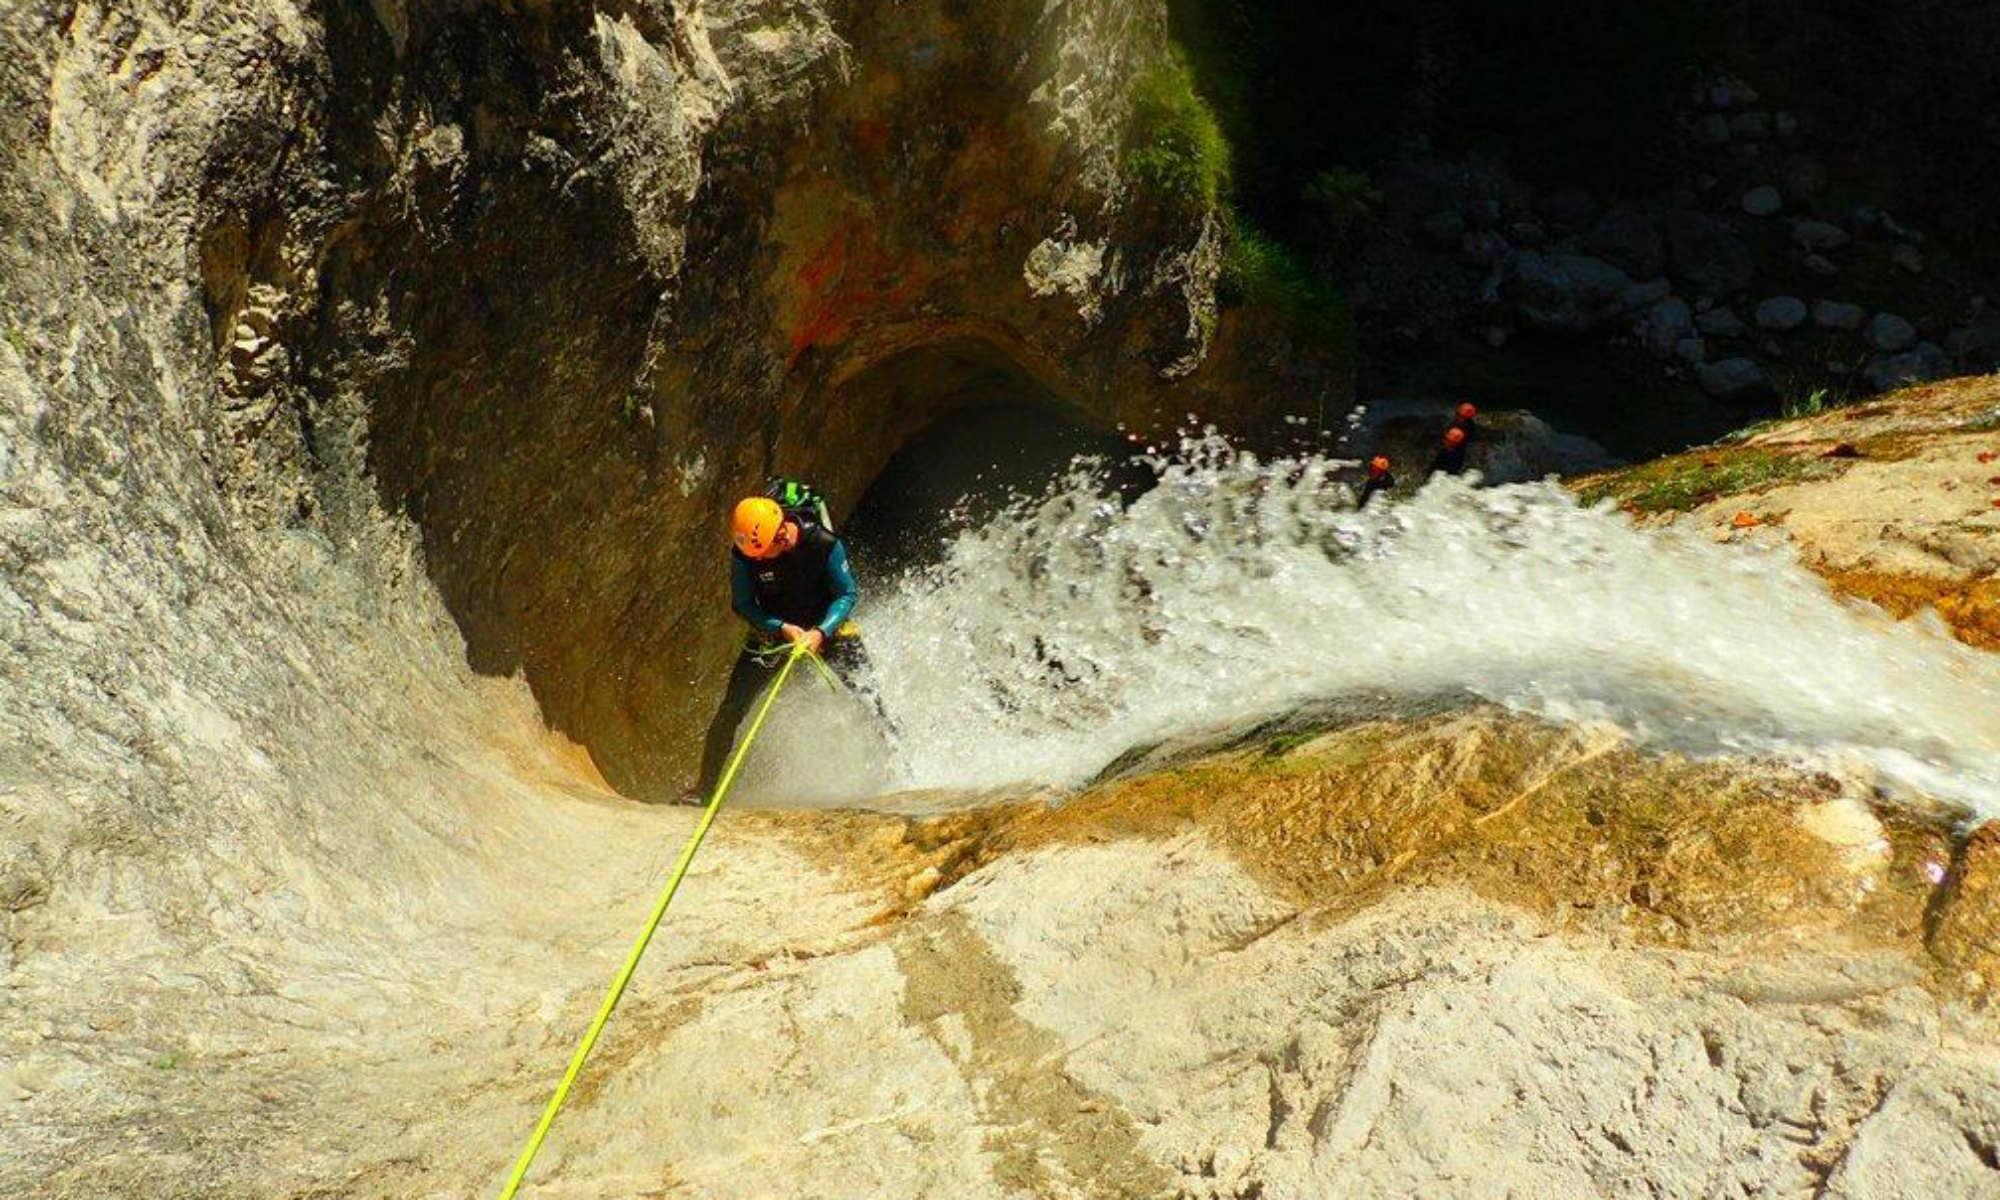 Ein Schluchtenwanderer seilt sich beim Canyoning in Salzburg an einem Wasserfall ab.